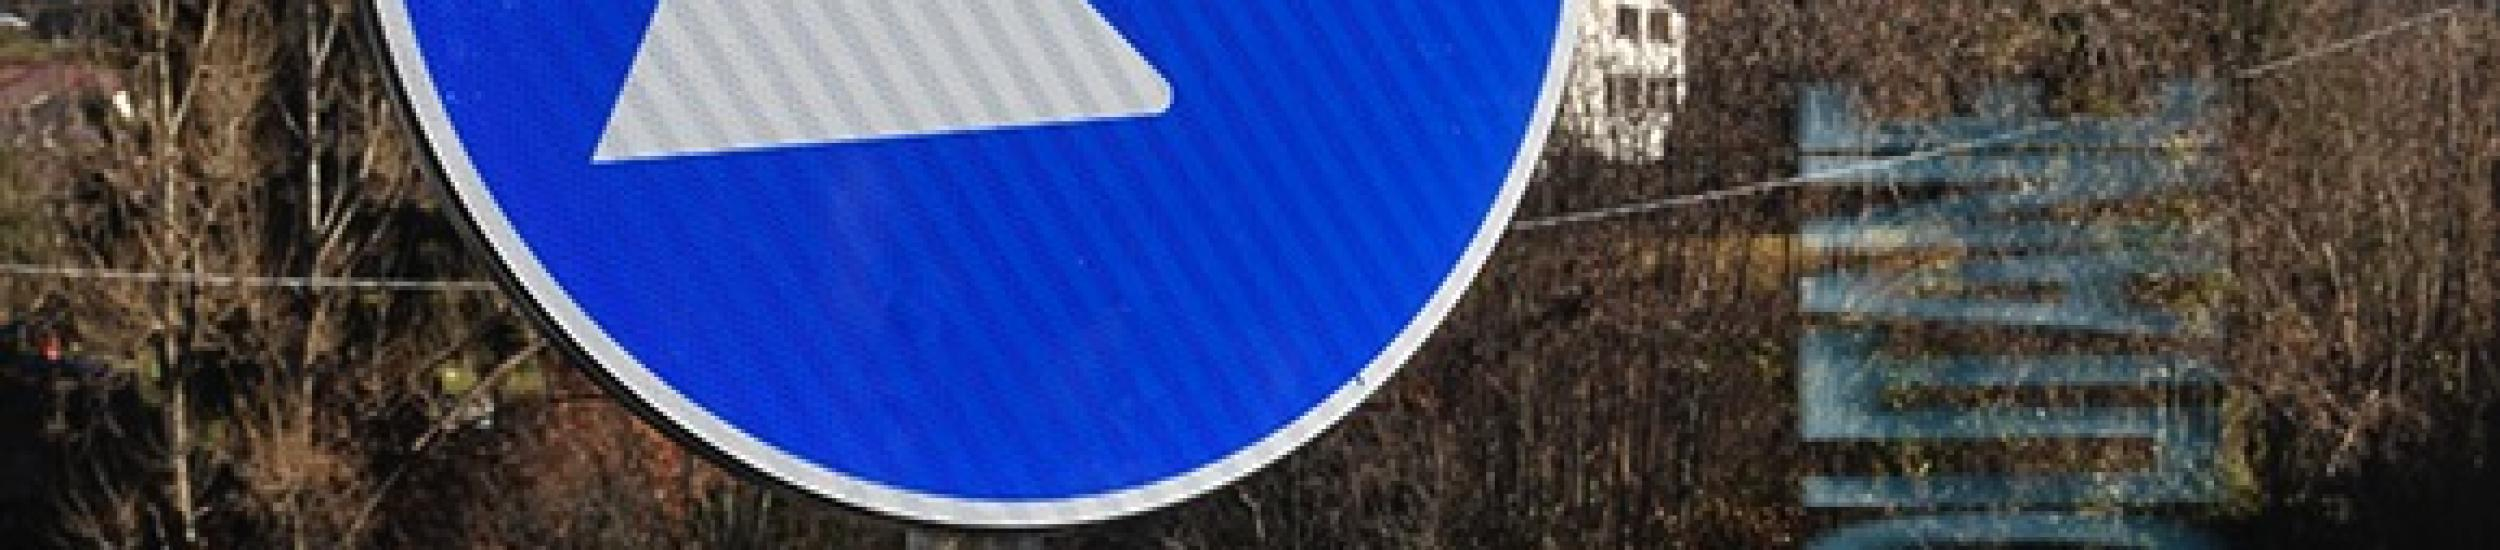 News: Avegno, senso unico alternato fino all'8 settembre al km 4,8 della sp 333 di uscio